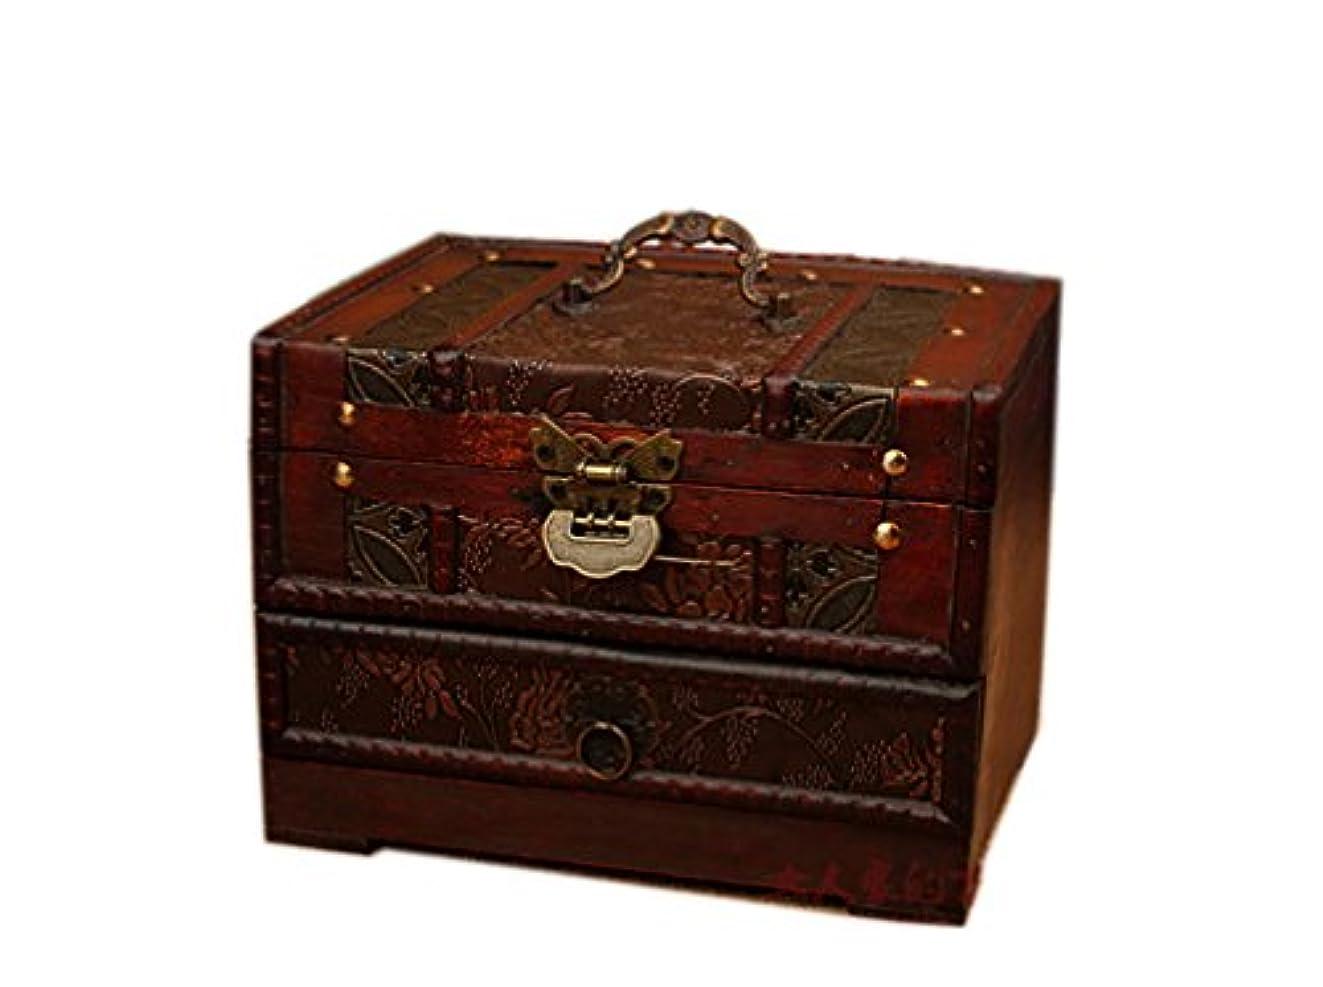 第ヘクタール母性ROAJI コスメボックス メイク アンティーク 木製 大容量 携帯 持ち運び 収納 鍵付き ミラー (ブラウン)